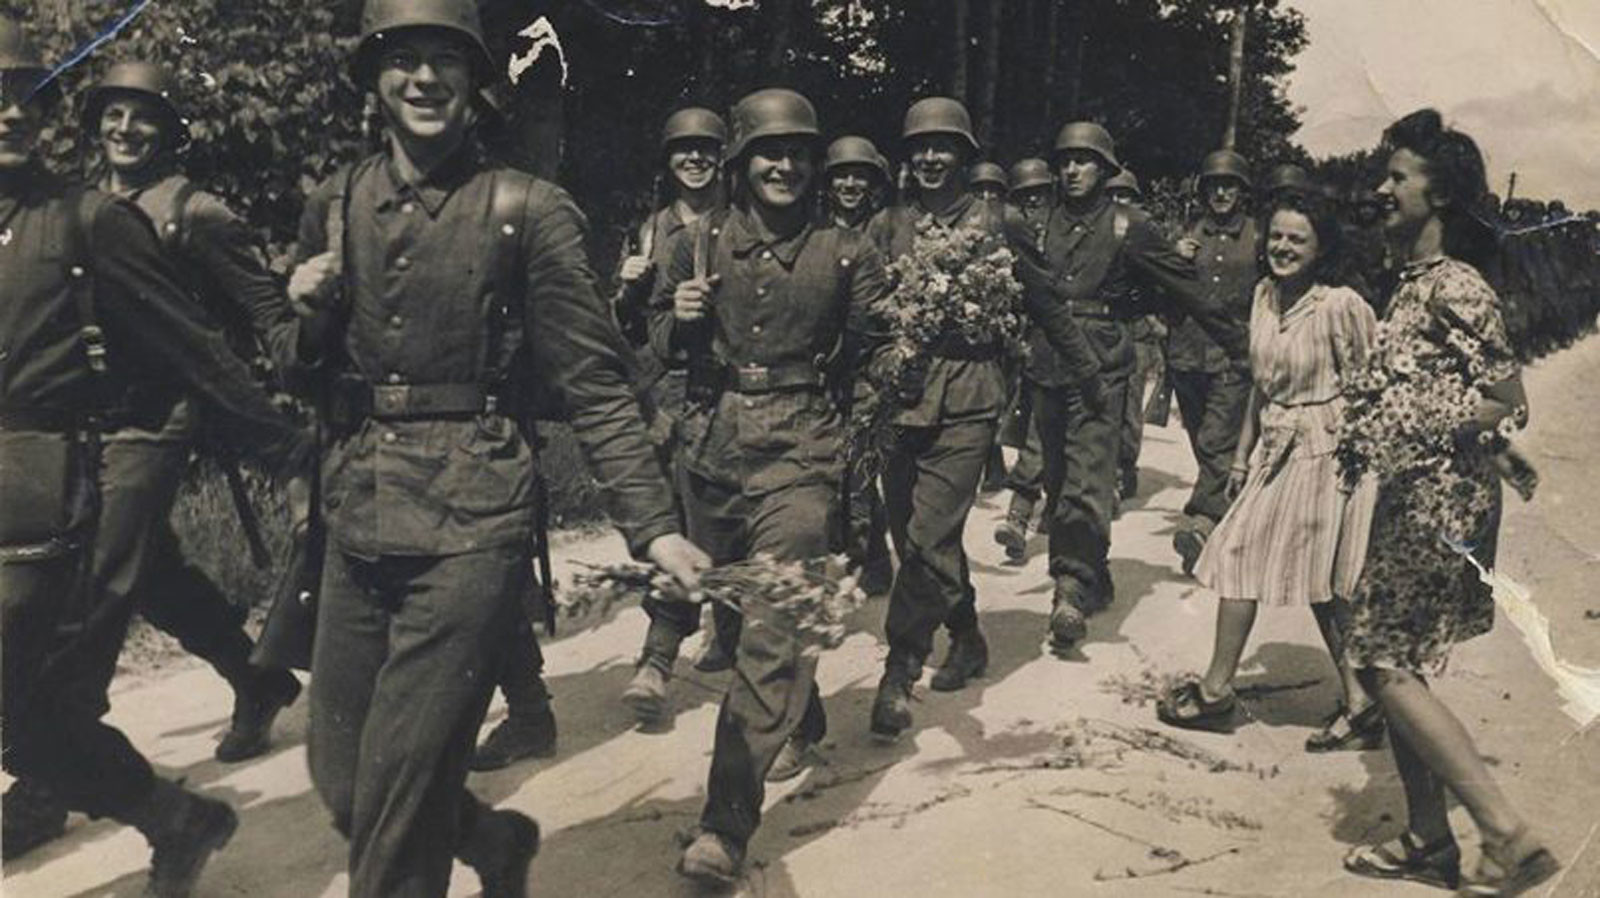 Латышские легионеры Waffen-SS идут убивать русских. Фото © rubaltic.ru